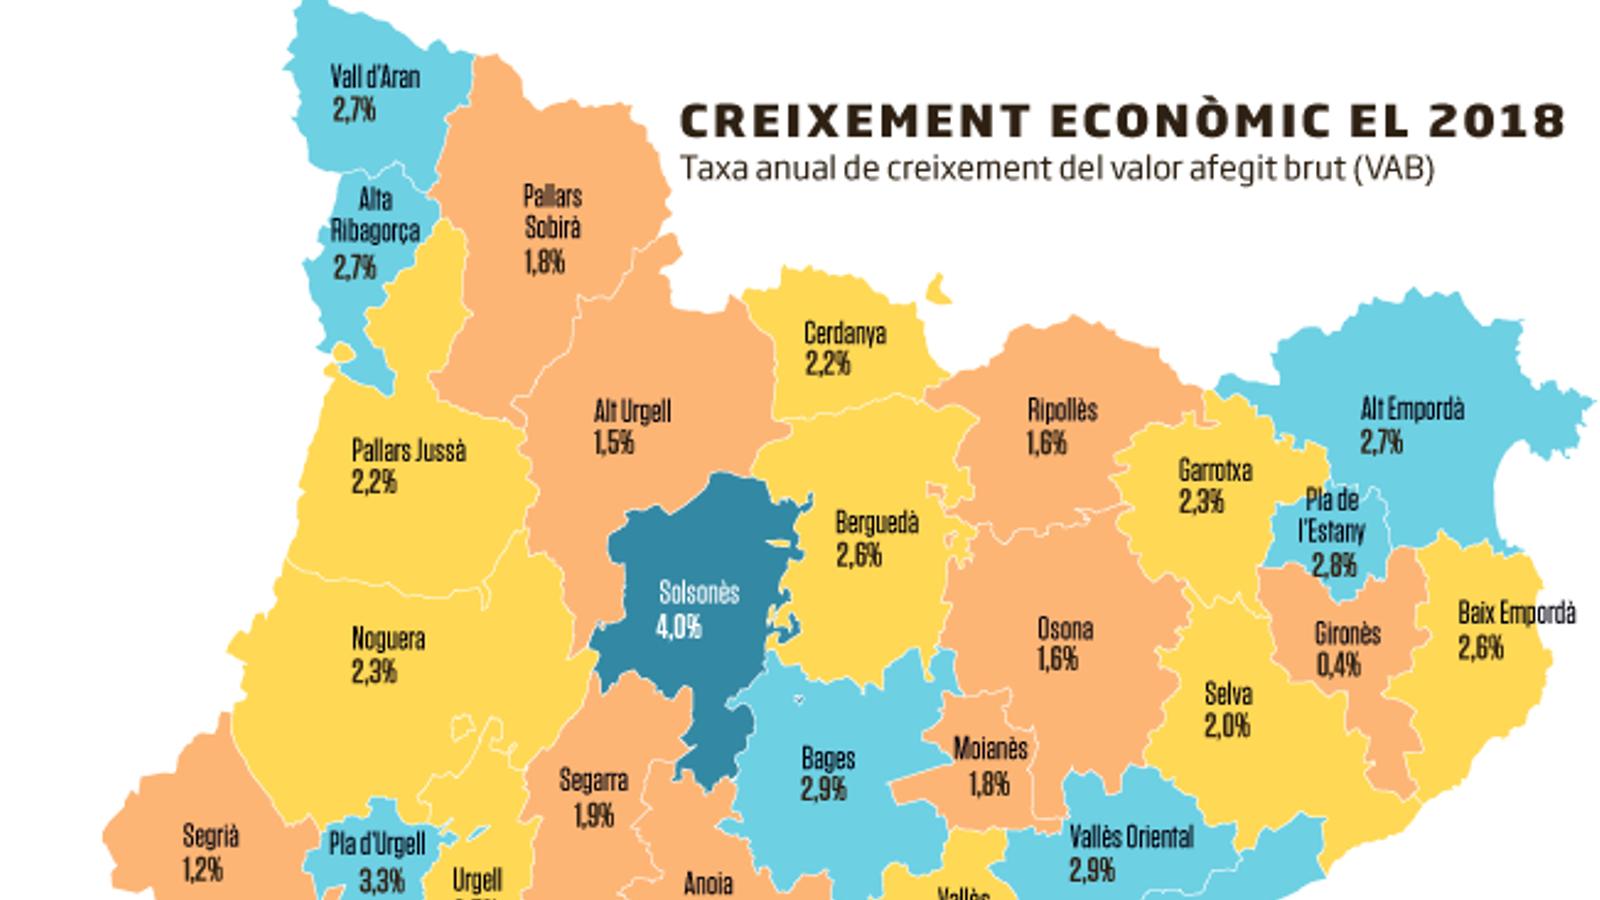 El creixement per comarques el 2018: Baix Llobregat, Garraf i Solsonès, al capdavant